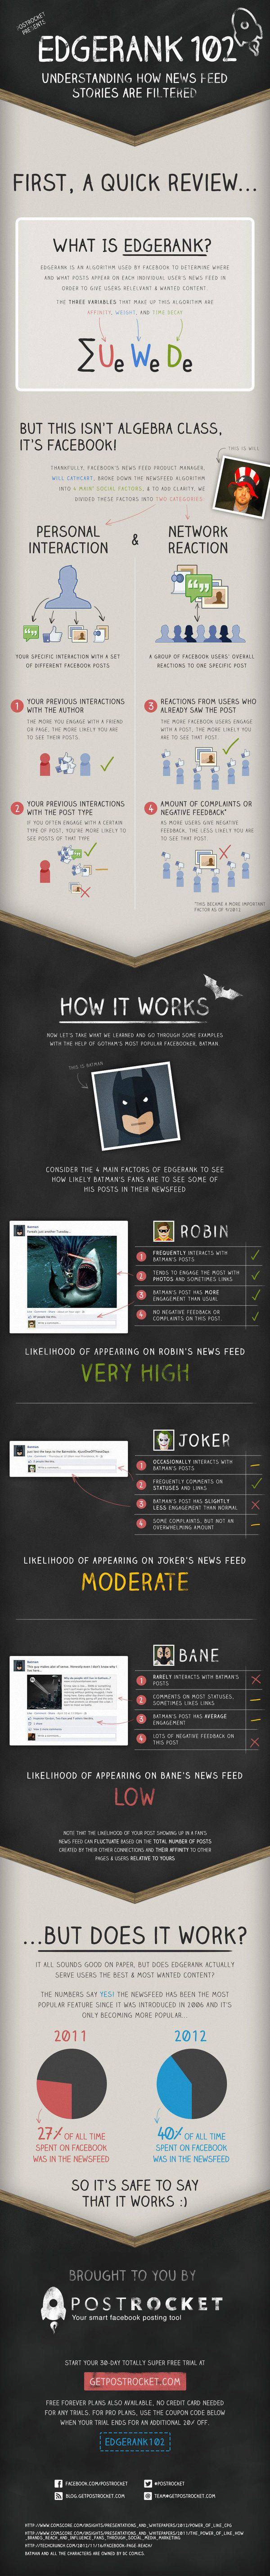 Une infographie pour expliquer l'edge rank de #Google sur la base des posts de Batman, si si !